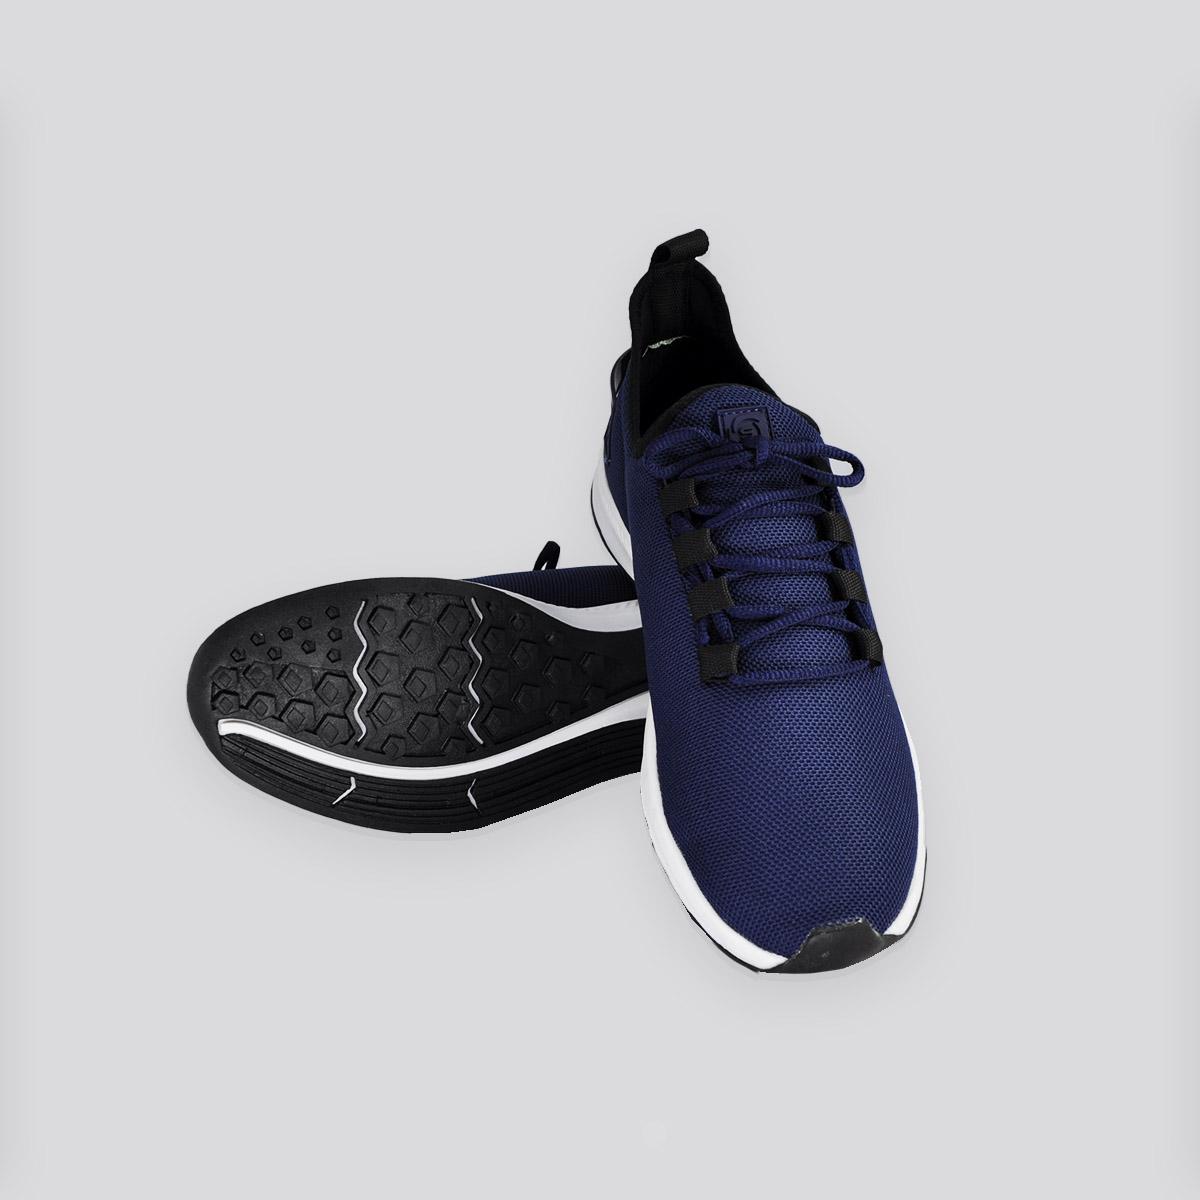 Tênis Masculino Kalpak Calce  Fácil Amarrar Azul Marinho/Branco